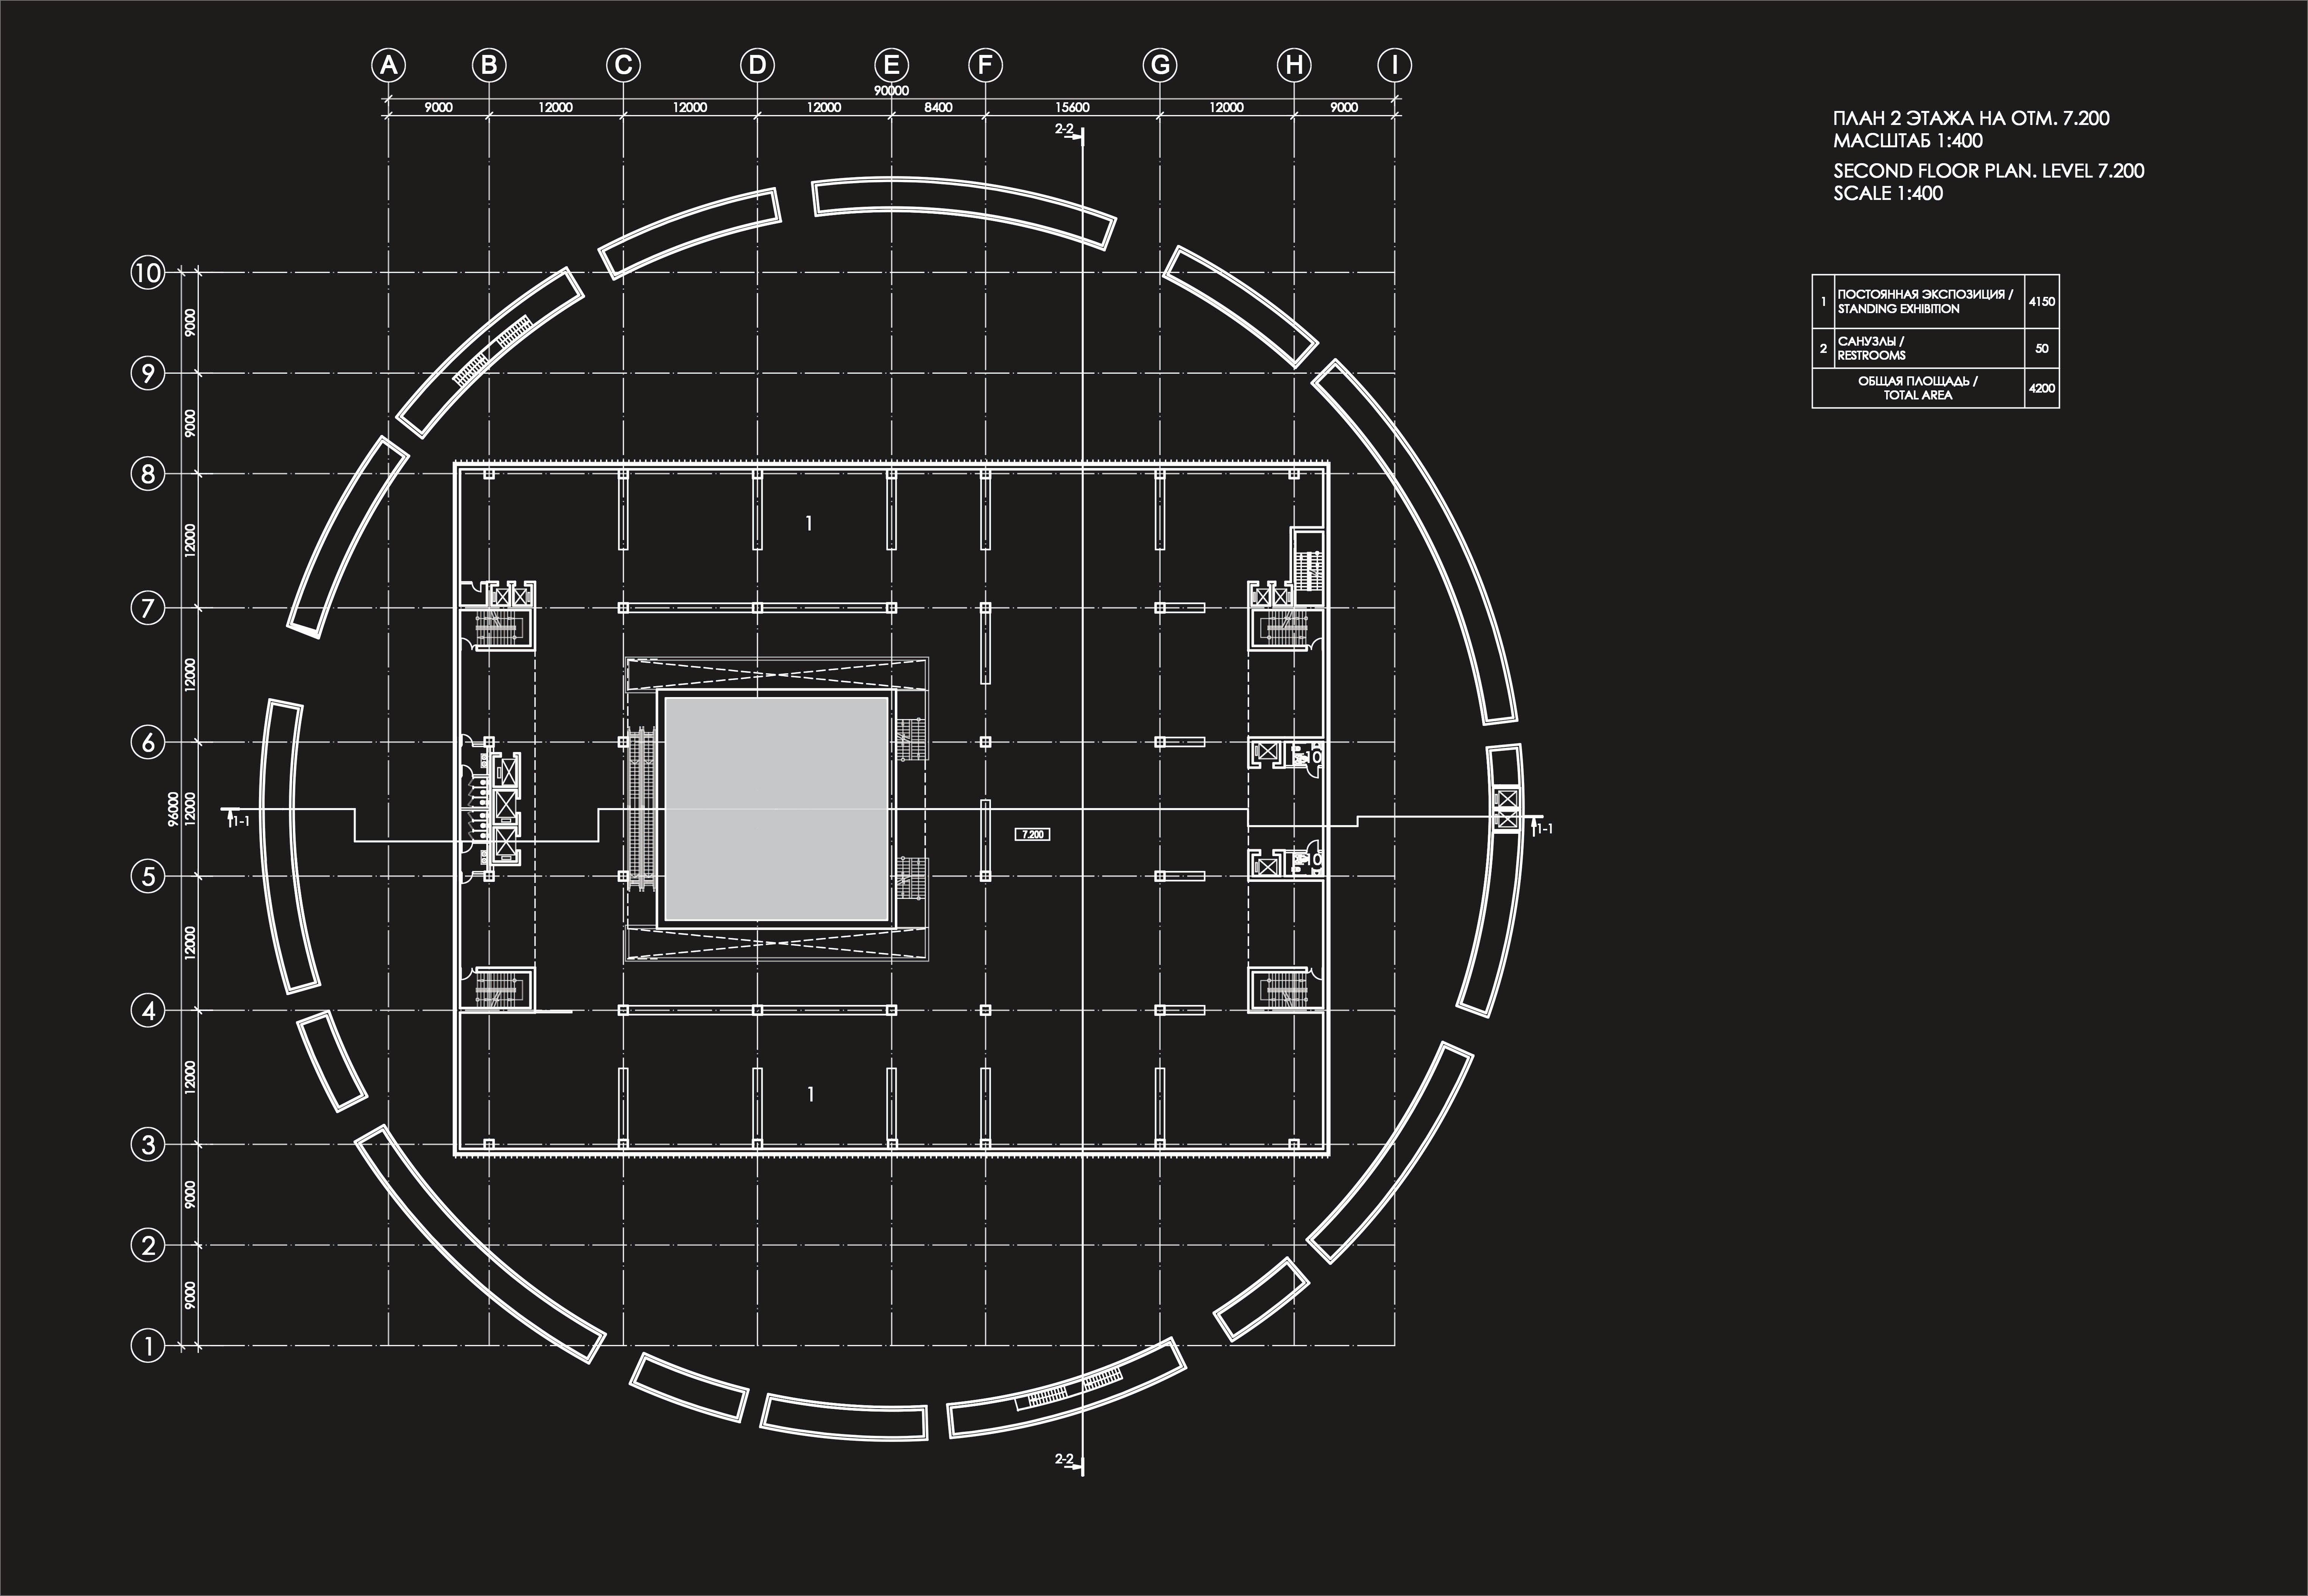 План 2 этажа КОНКУРСНЫЙПРОЕКТКОНЦЕПЦИИ ПЛАНИРОВОЧНОГО РЕШЕНИЯ МУЗЕЙНО-ВЫСТАВОЧНОГО ЦЕНТРА «ОБОРОНА